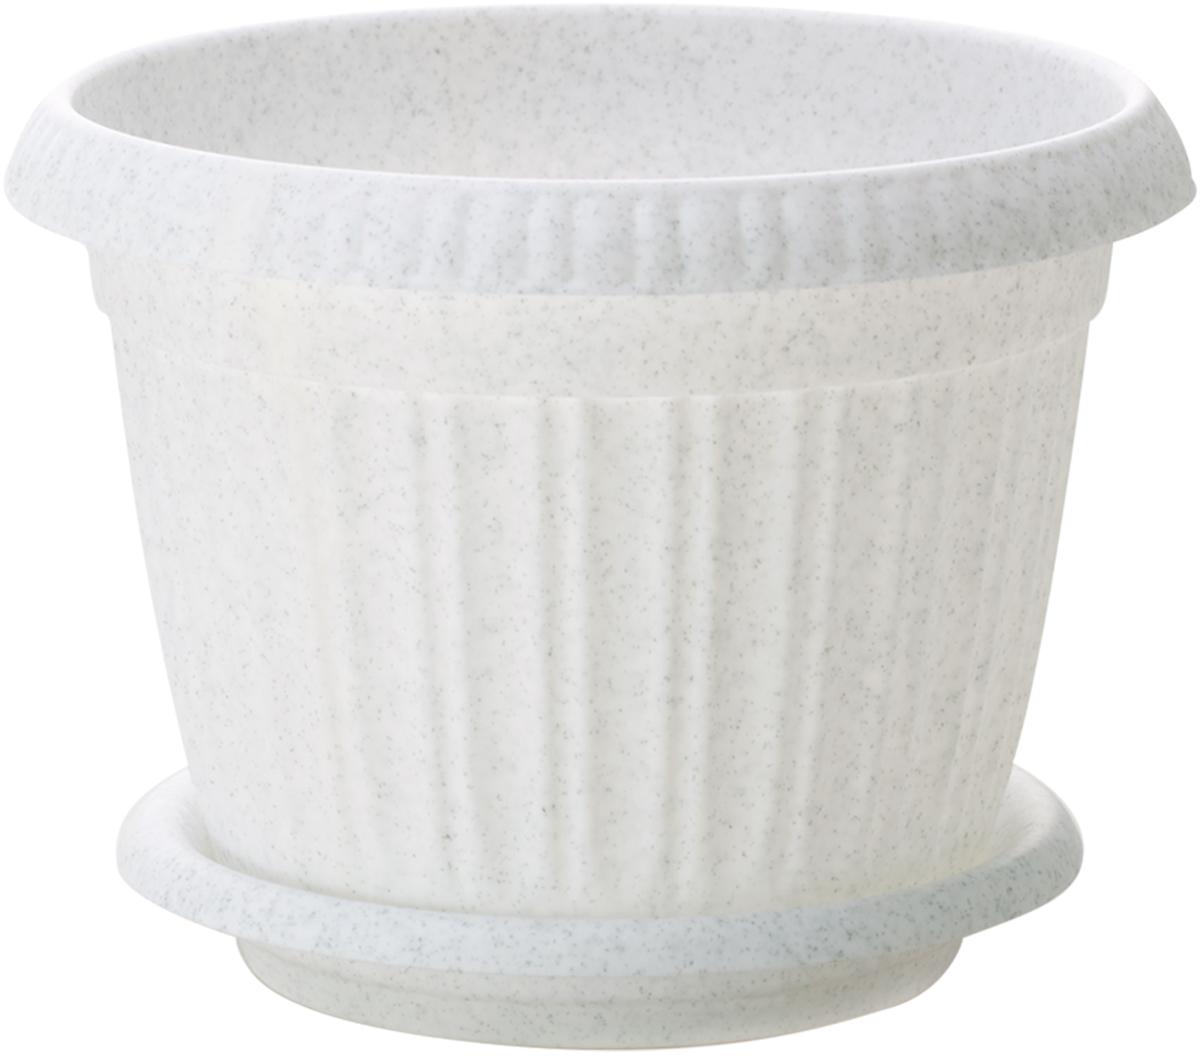 Горшок для цветов InGreen Таити, с подставкой, цвет: мраморный, диаметр 18 смING41018FМРЛюбой, даже самый современный и продуманный интерьер будет не завершённым без растений. Они не только очищают воздух и насыщают его кислородом, но и заметно украшают окружающее пространство. Такому полезному &laquo члену семьи&raquoпросто необходимо красивое и функциональное кашпо, оригинальный горшок или необычная ваза! Мы предлагаем - Горшок для цветов с поддоном d=18 см Таити, цвет мраморный !Оптимальный выбор материала &mdash &nbsp пластмасса! Почему мы так считаем? Малый вес. С лёгкостью переносите горшки и кашпо с места на место, ставьте их на столики или полки, подвешивайте под потолок, не беспокоясь о нагрузке. Простота ухода. Пластиковые изделия не нуждаются в специальных условиях хранения. Их&nbsp легко чистить &mdashдостаточно просто сполоснуть тёплой водой. Никаких царапин. Пластиковые кашпо не царапают и не загрязняют поверхности, на которых стоят. Пластик дольше хранит влагу, а значит &mdashрастение реже нуждается в поливе. Пластмасса не пропускает воздух &mdashкорневой системе растения не грозят резкие перепады температур. Огромный выбор форм, декора и расцветок &mdashвы без труда подберёте что-то, что идеально впишется в уже существующий интерьер.Соблюдая нехитрые правила ухода, вы можете заметно продлить срок службы горшков, вазонов и кашпо из пластика: всегда учитывайте размер кроны и корневой системы растения (при разрастании большое растение способно повредить маленький горшок)берегите изделие от воздействия прямых солнечных лучей, чтобы кашпо и горшки не выцветалидержите кашпо и горшки из пластика подальше от нагревающихся поверхностей.Создавайте прекрасные цветочные композиции, выращивайте рассаду или необычные растения, а низкие цены позволят вам не ограничивать себя в выборе.